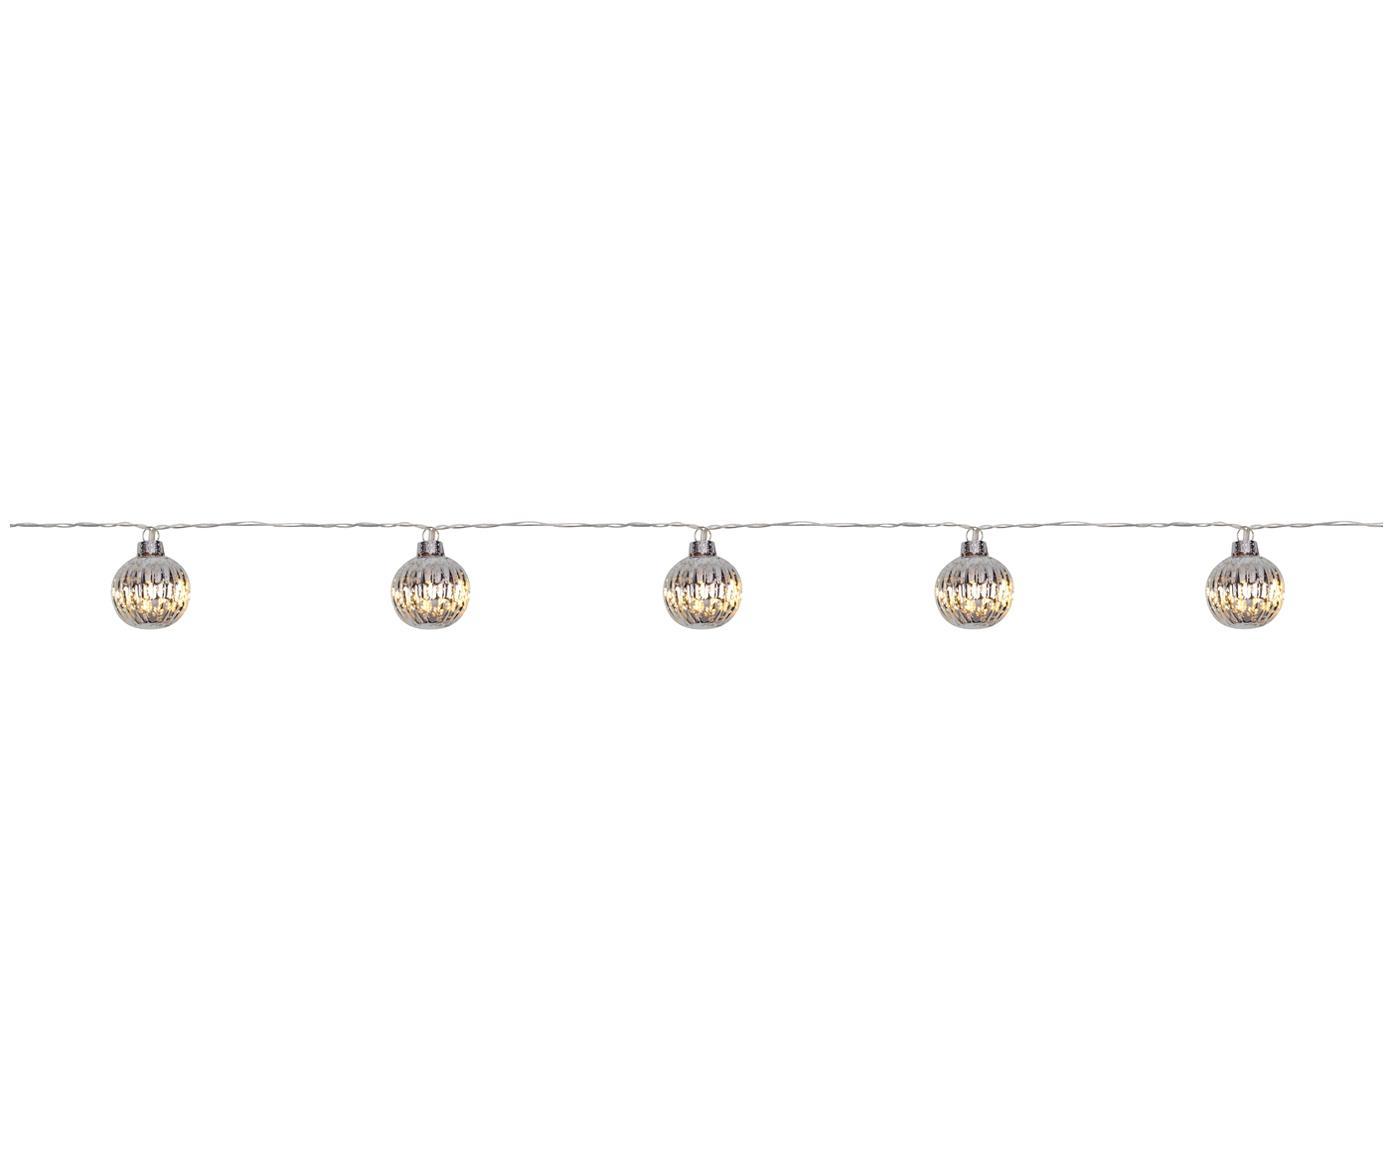 LED-Lichterkette Solo, Silberfarben, L 170 x H 6 cm